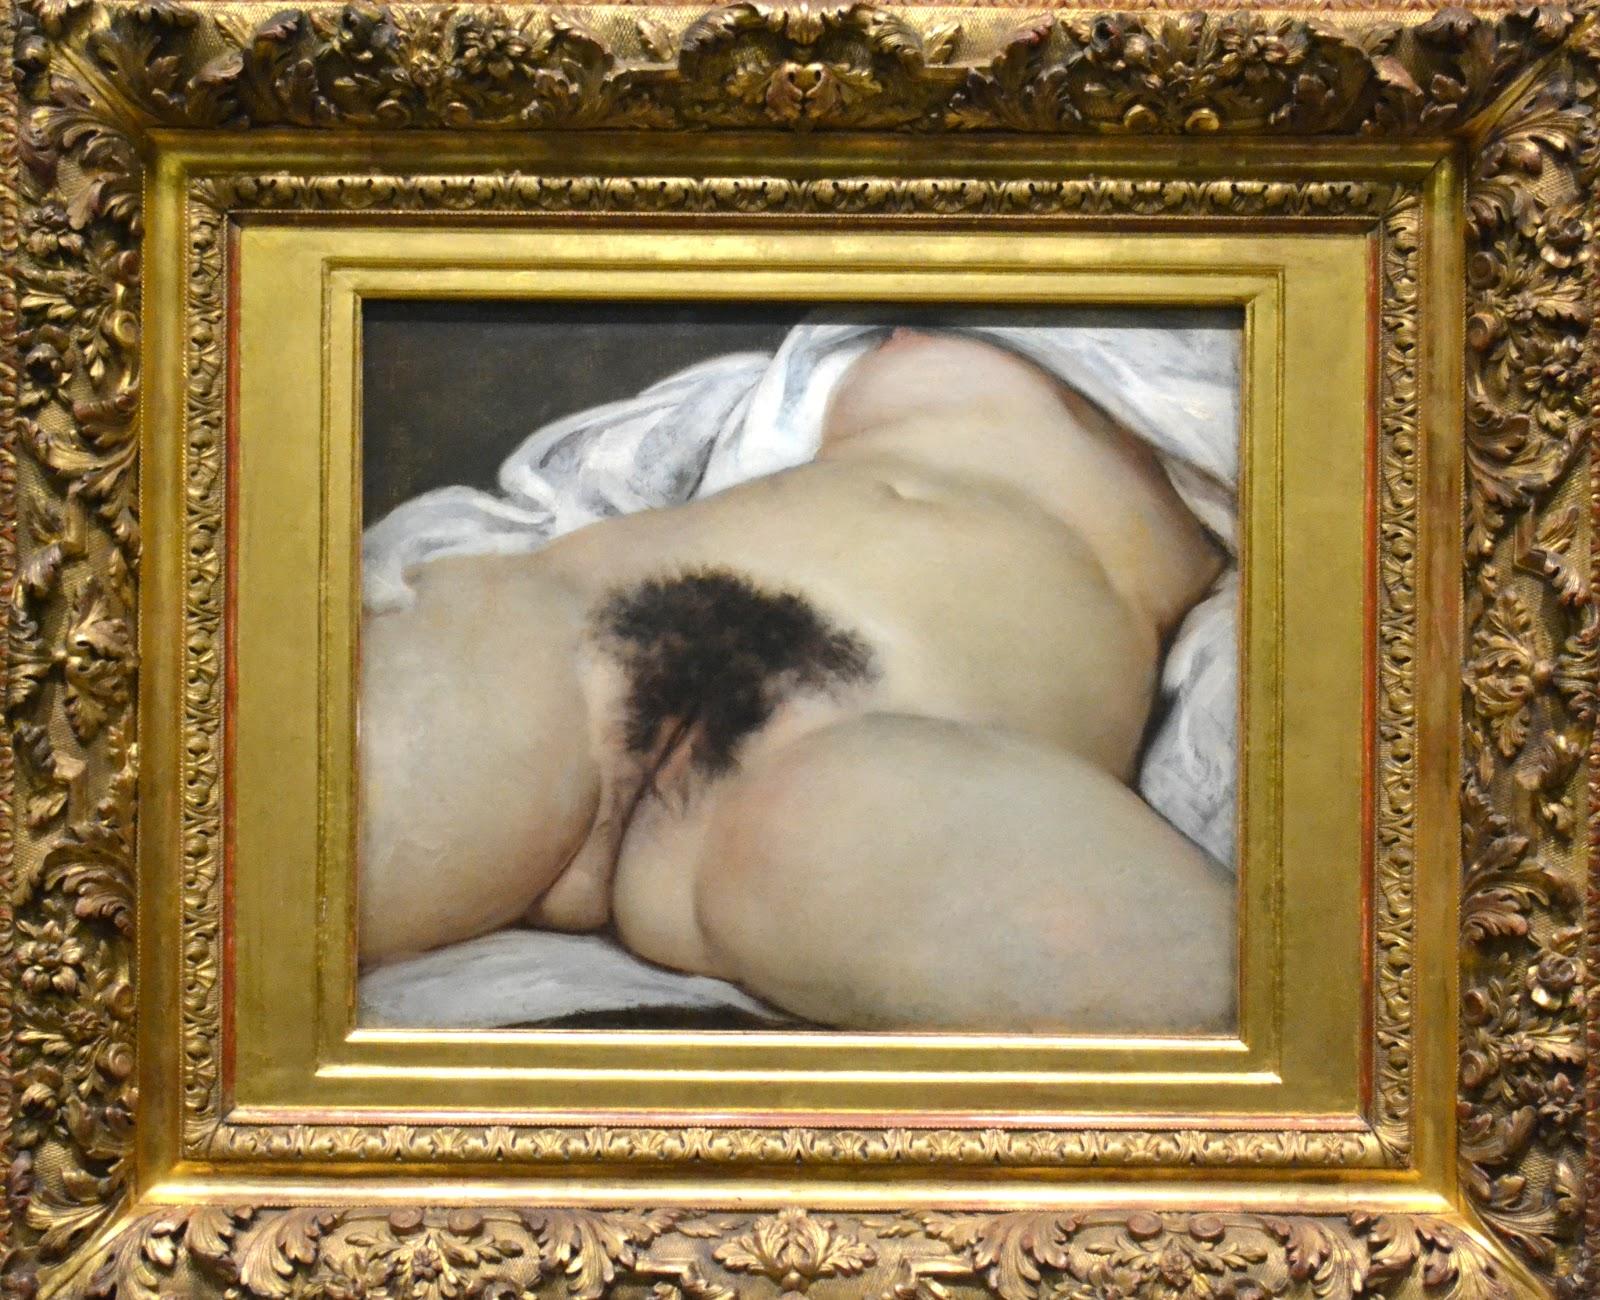 ENTRE EL ARTE Y LA PORNOGRAFÍA Rodolfo Herrera Charolet